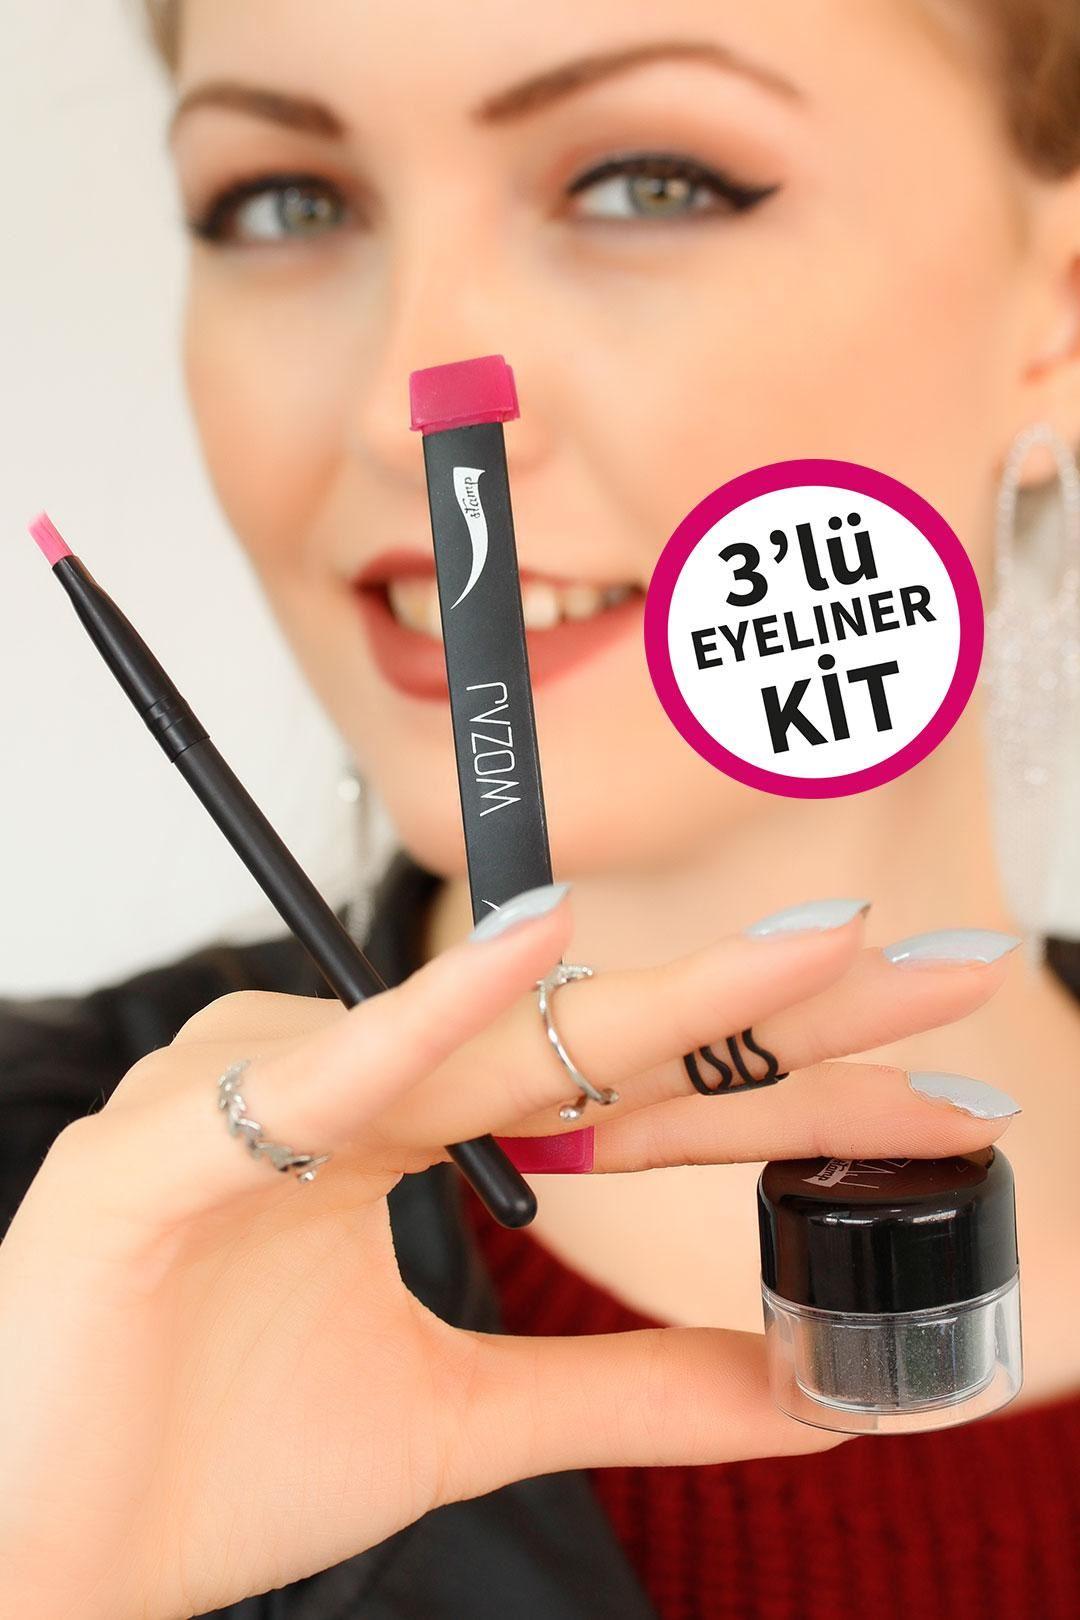 Wozaj Stamp 3 lü Eyeliner Kit